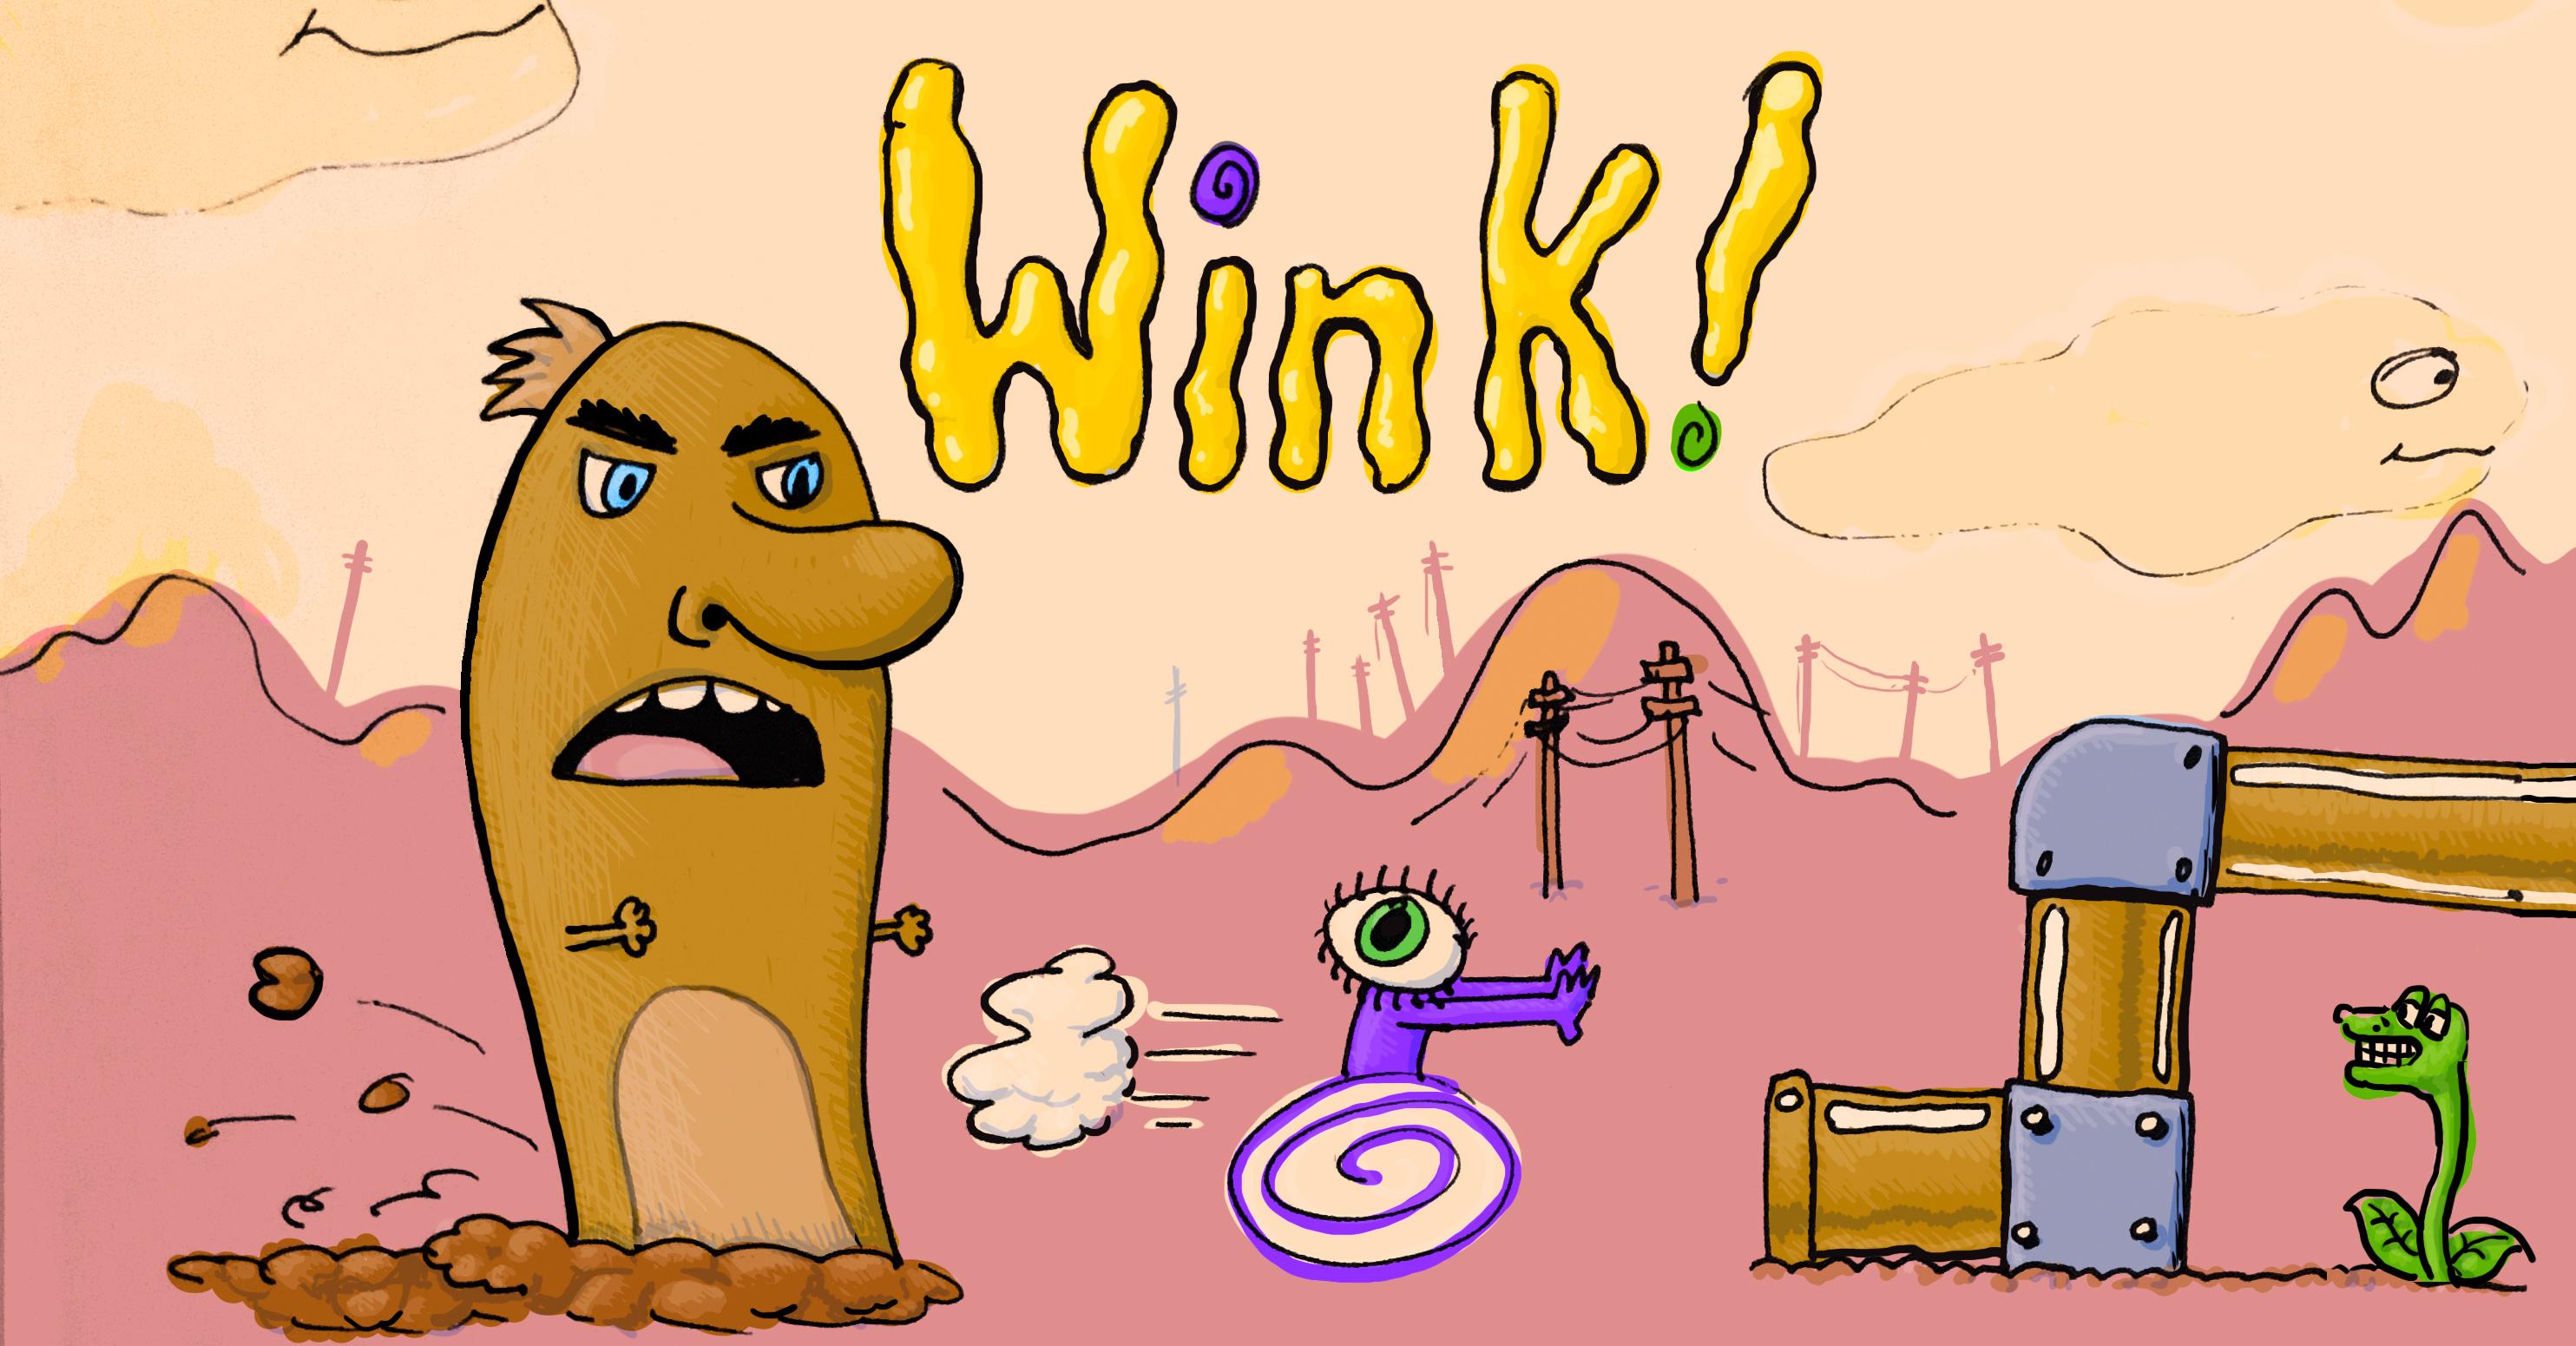 Wink GameBoy - Beta 5.5